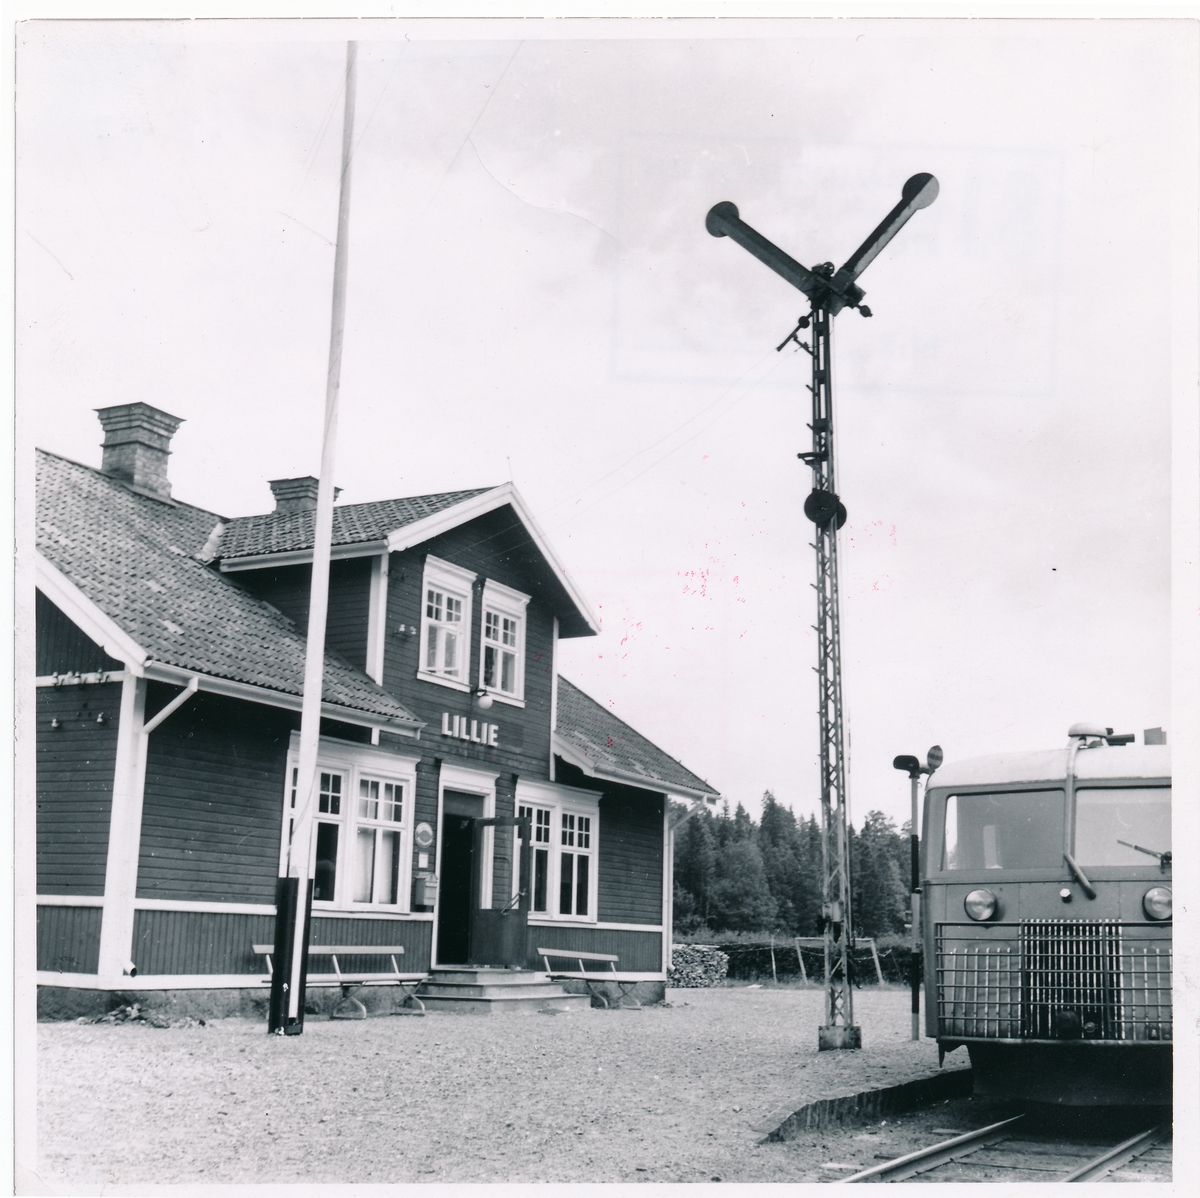 Norra Östergötlands Järnväg, NÖJ  Östergötland Lillie station.  T.Ö.J.  Lilie Juni 1950